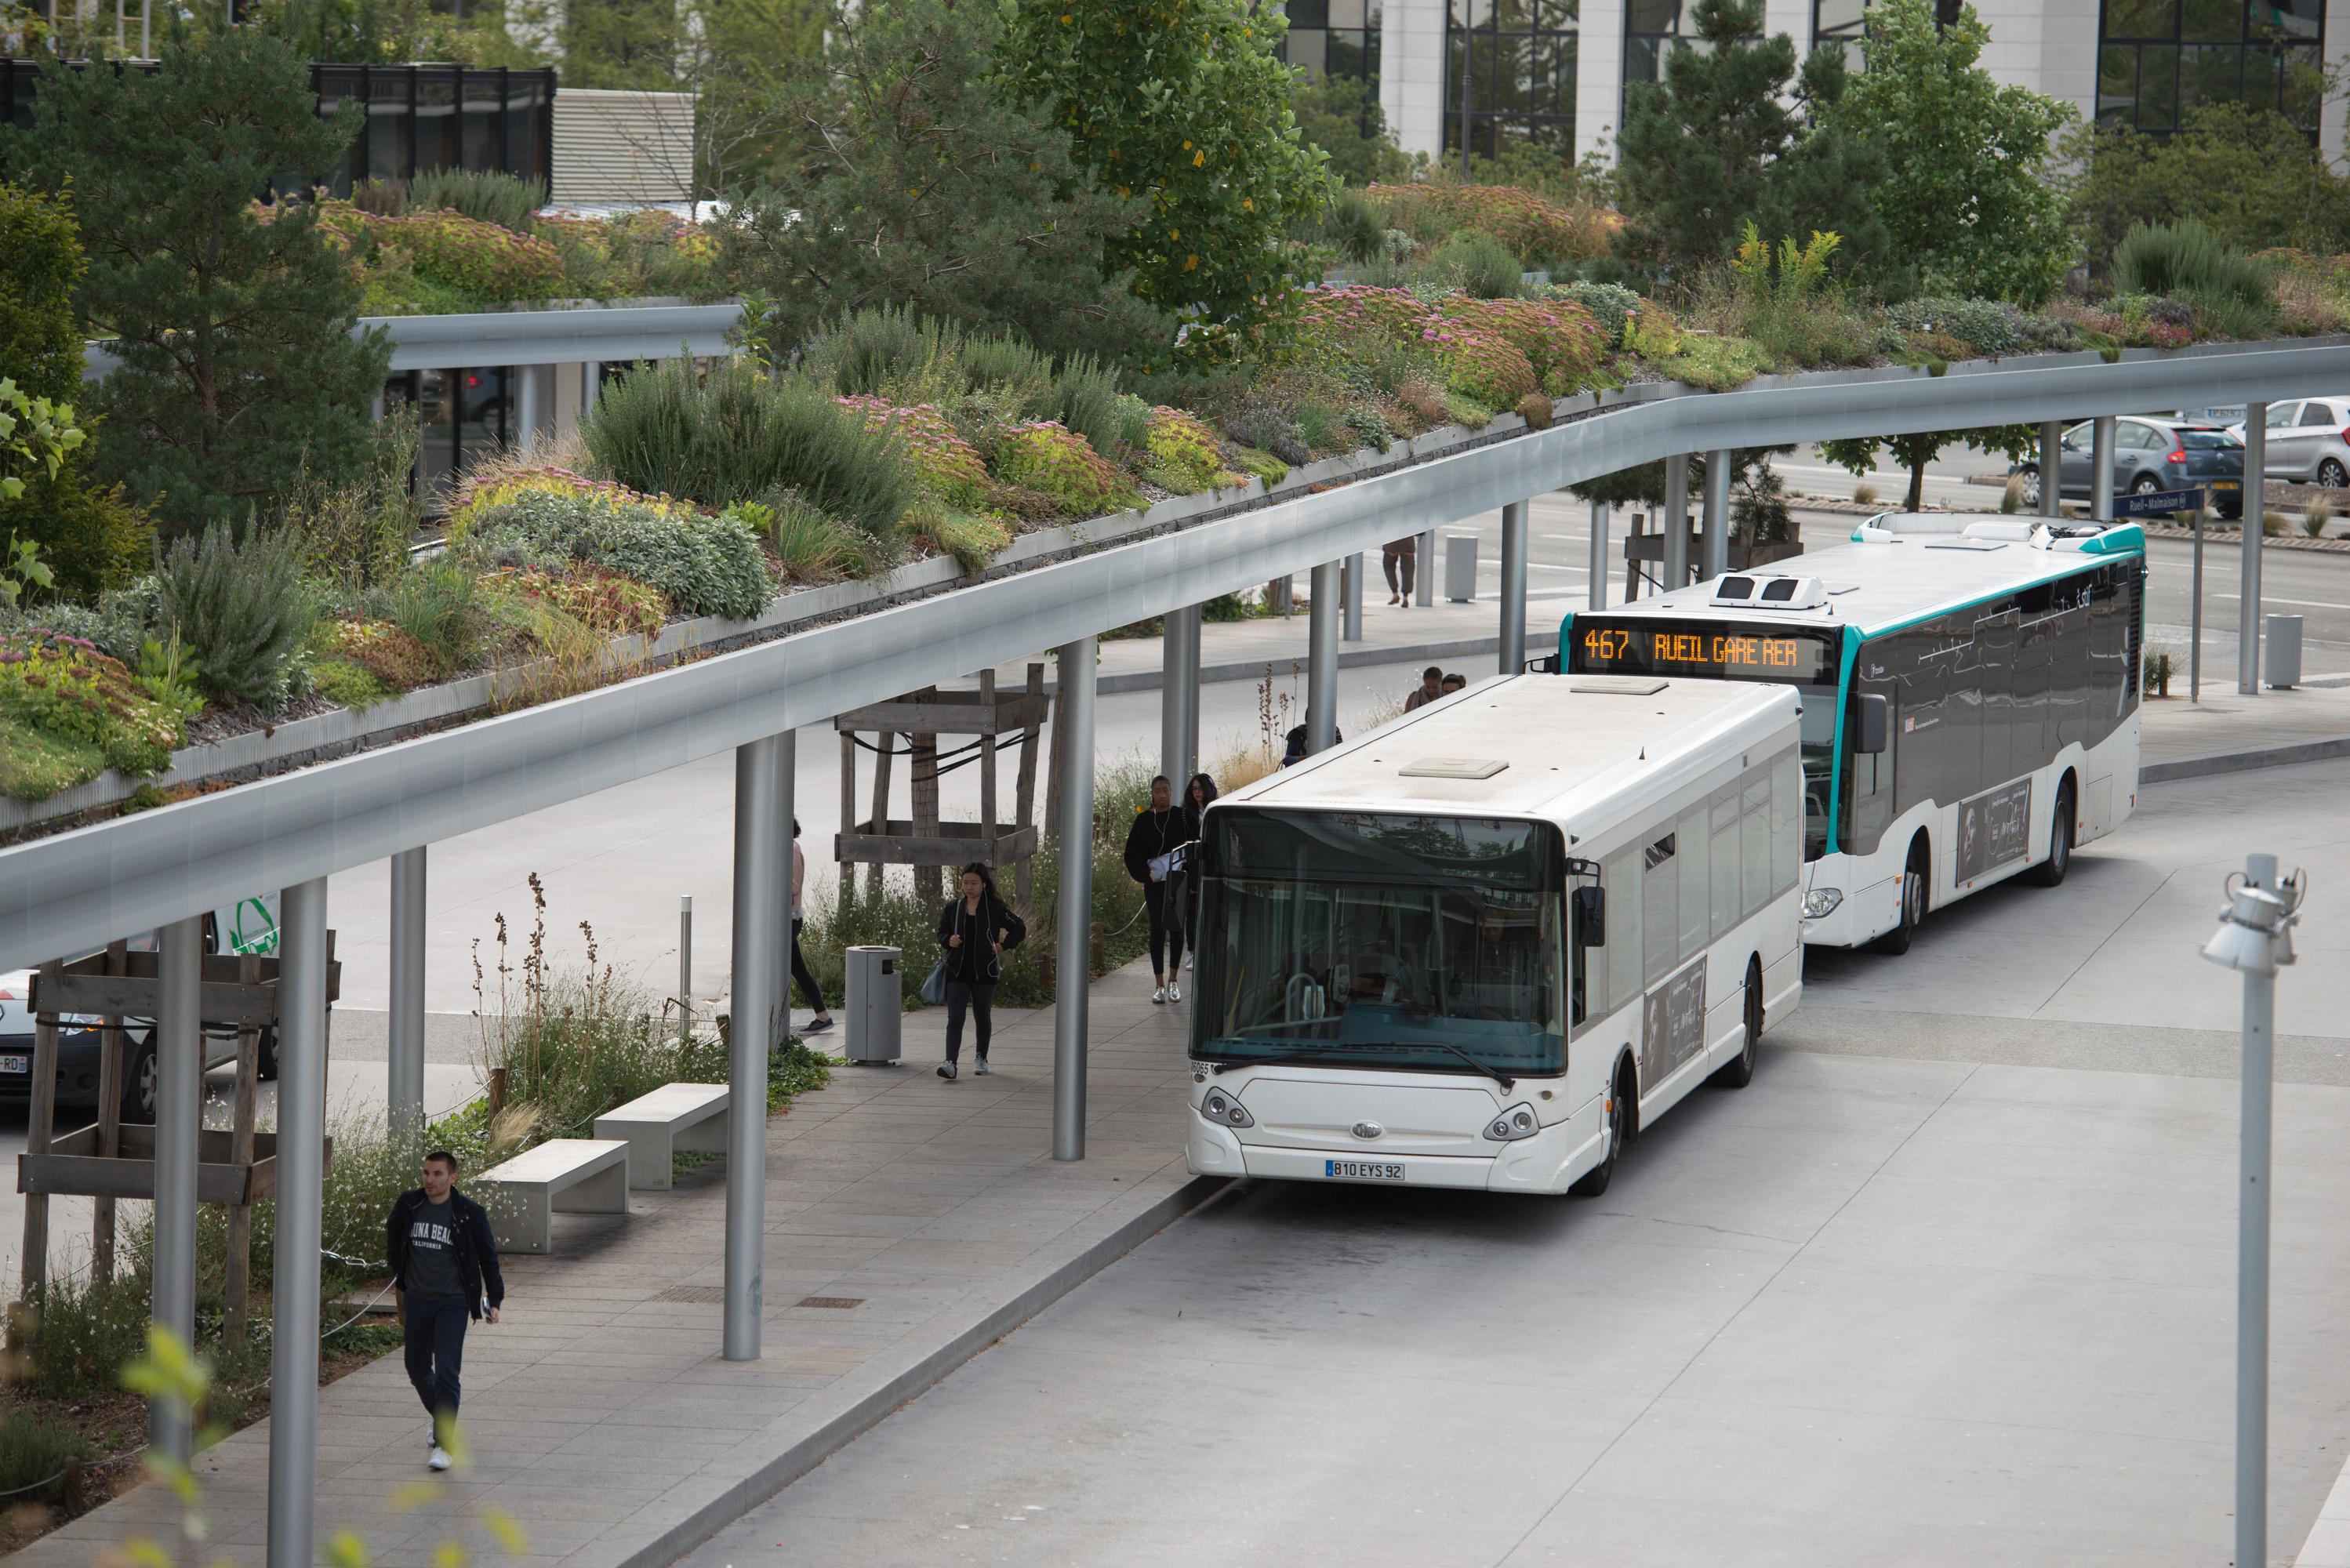 Bus et navettes ville de rueil malmaison - Office tourisme rueil malmaison ...